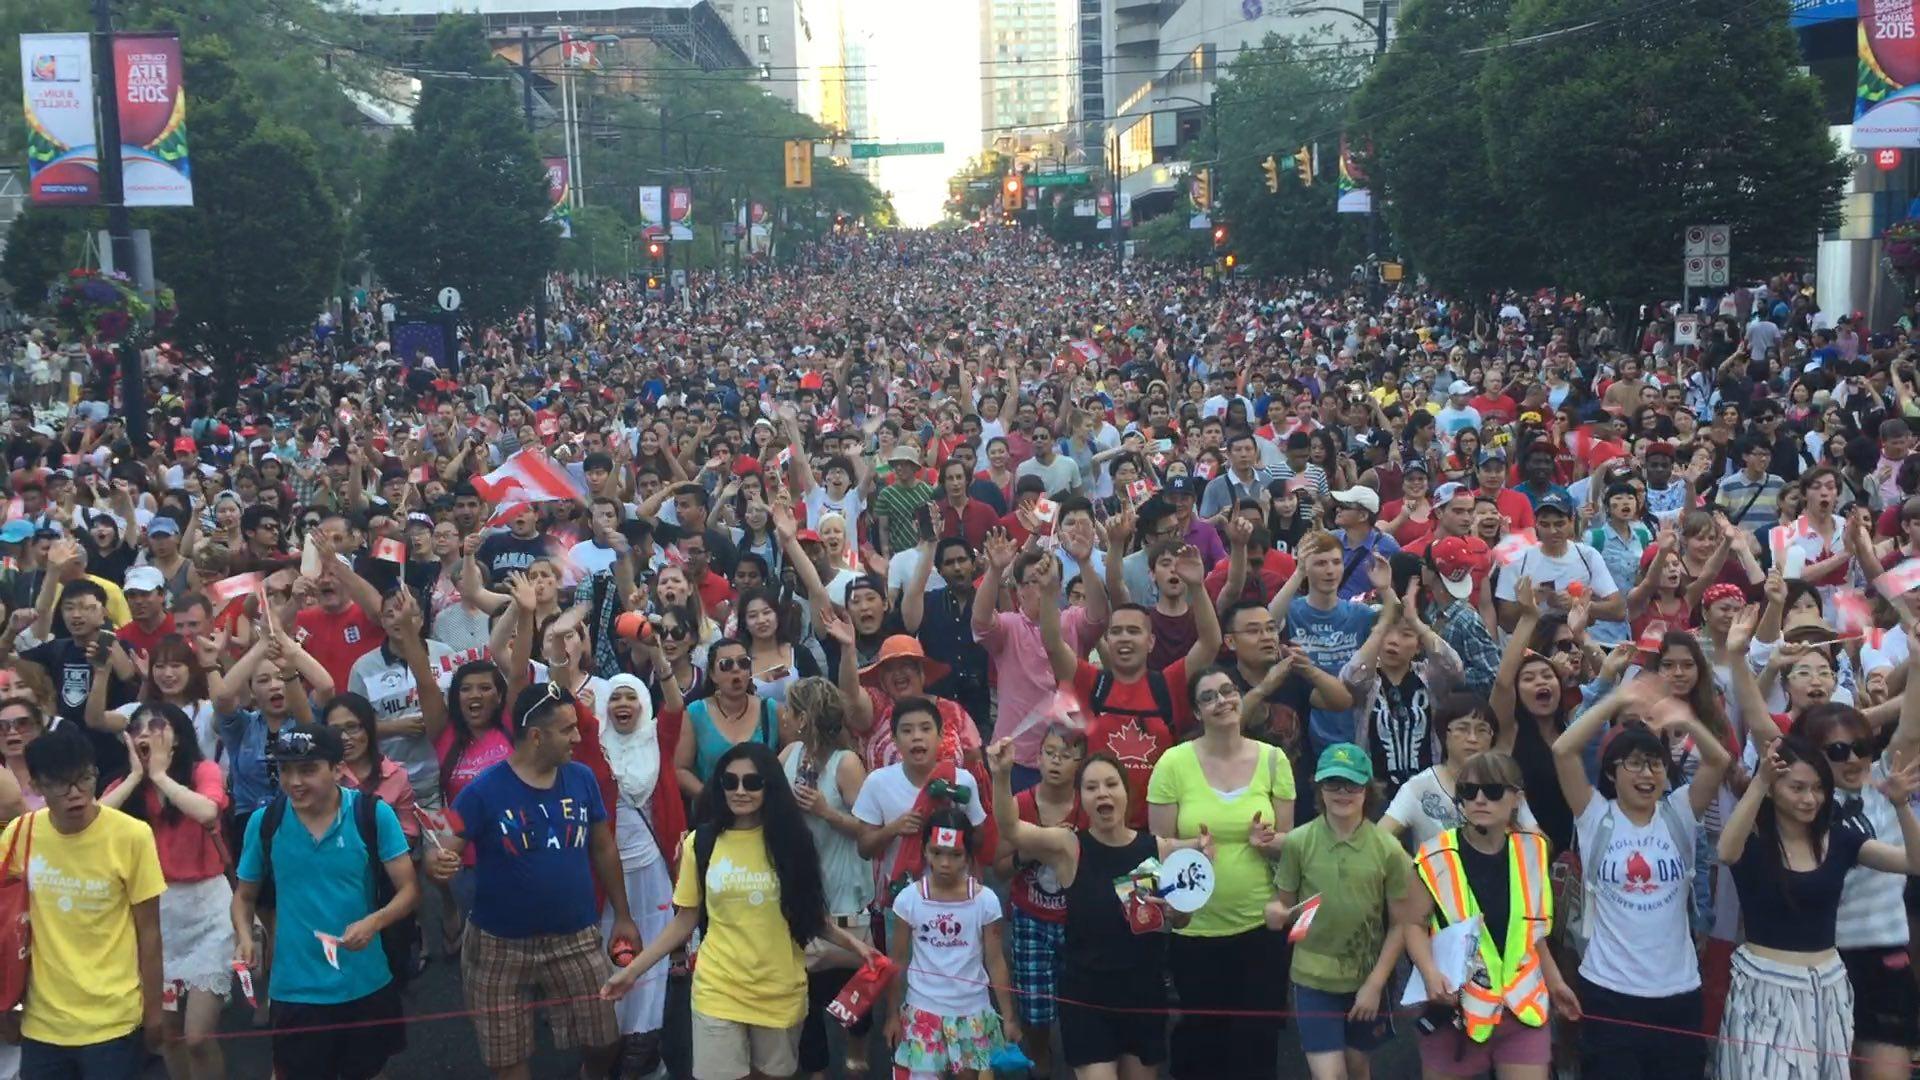 Canada Day 2015 Crowd.jpg